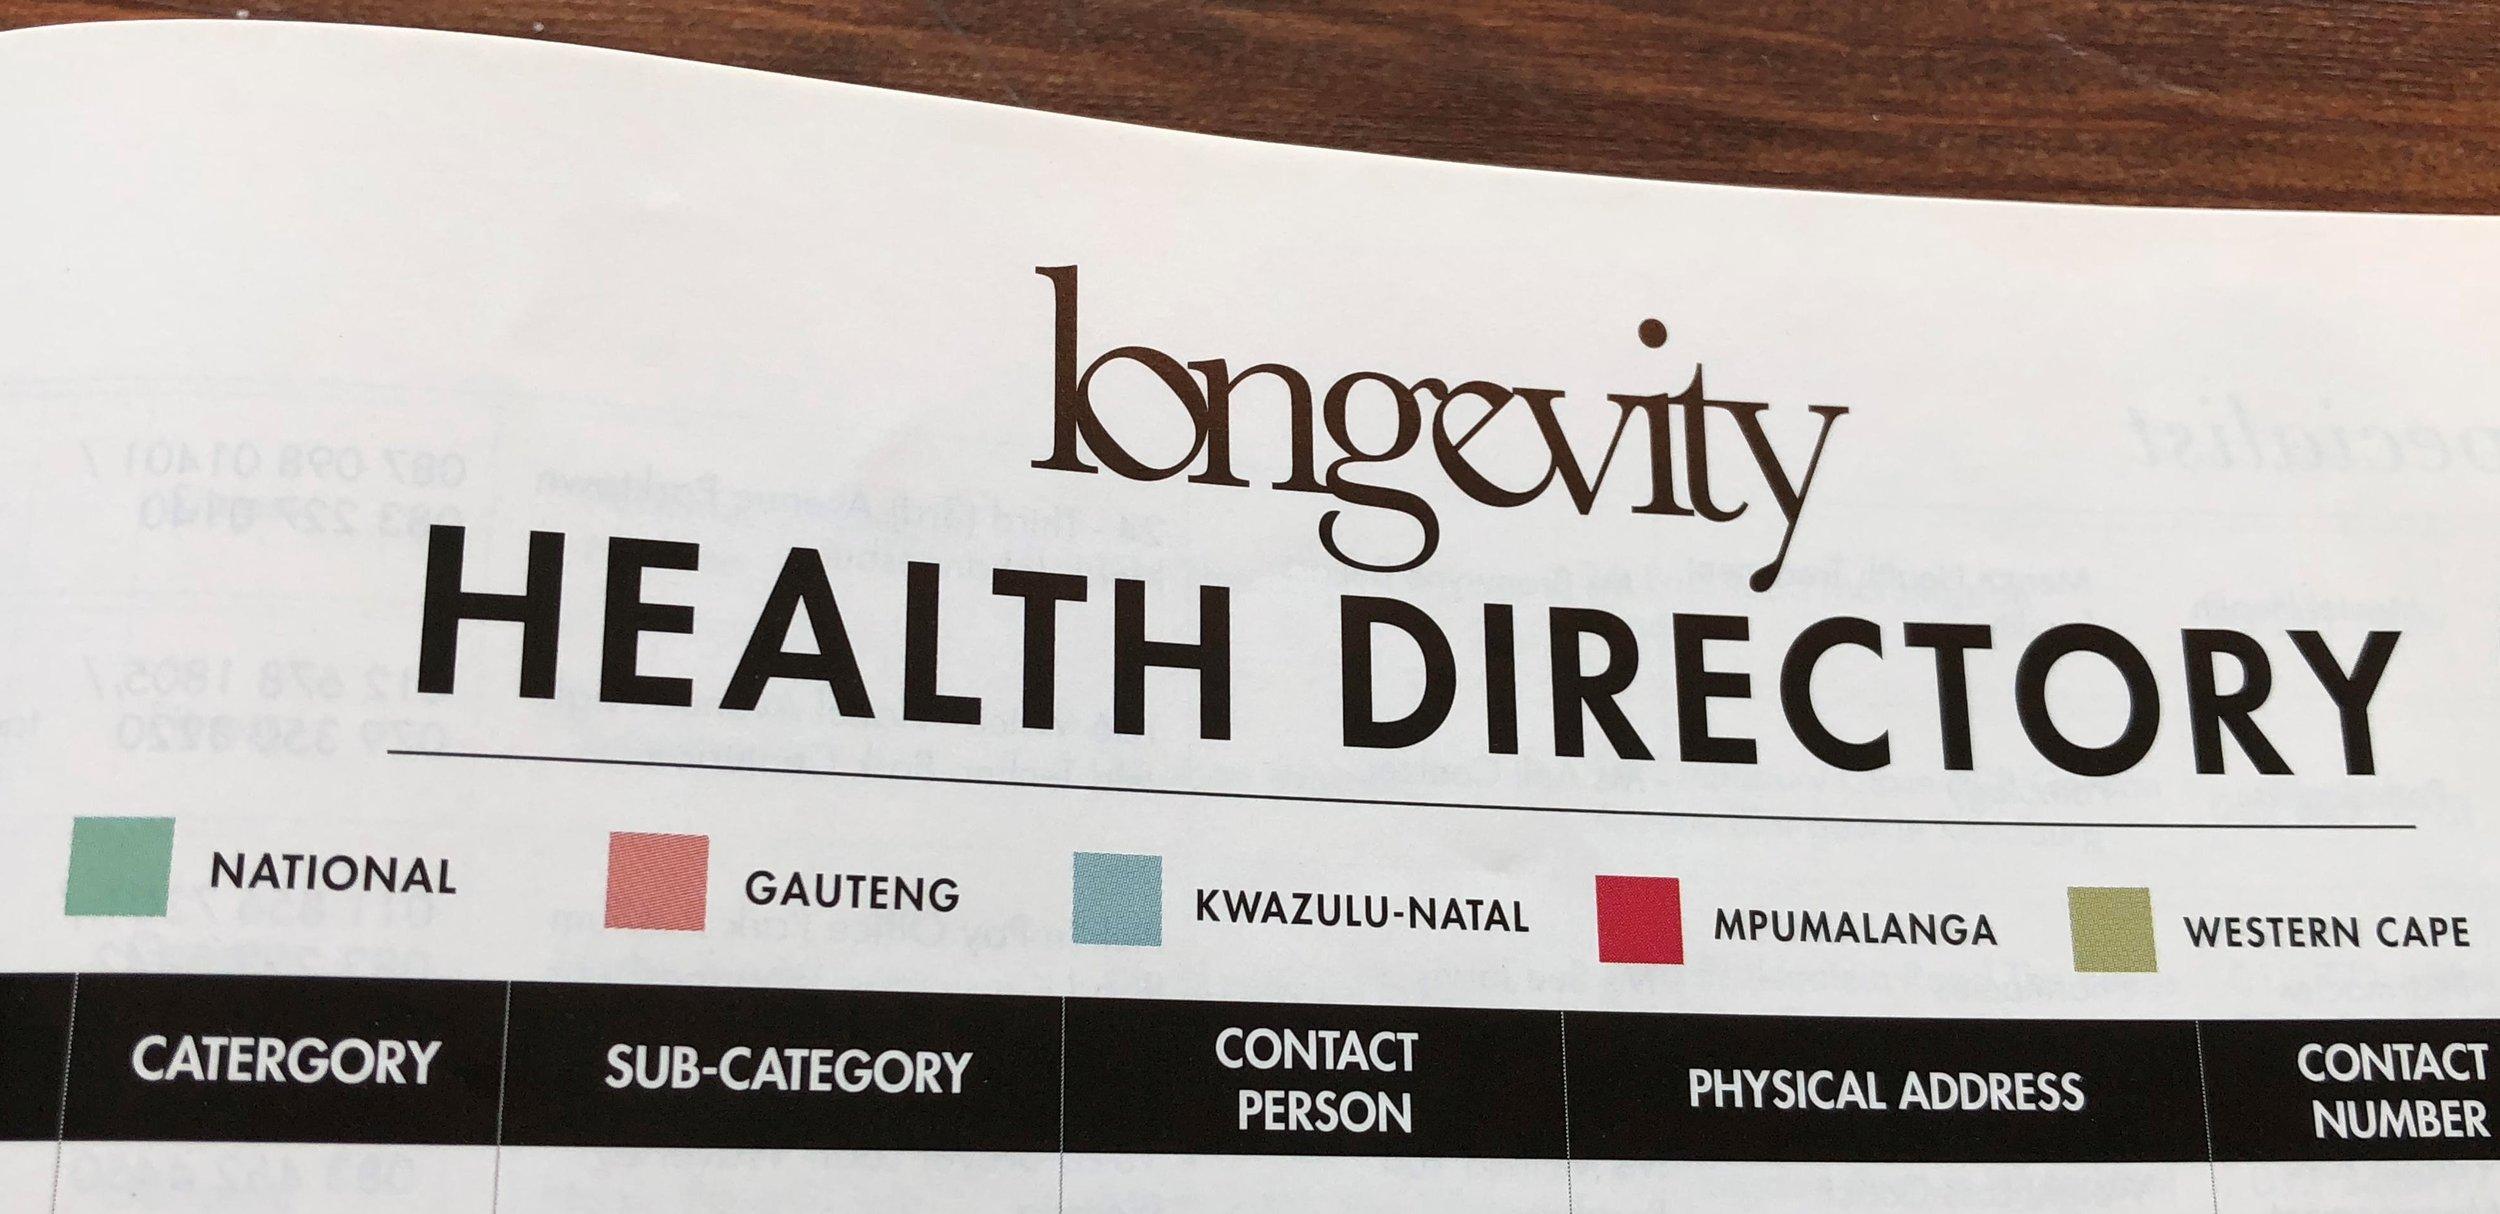 Longevity Health Directory © Flyga Twiga LLC